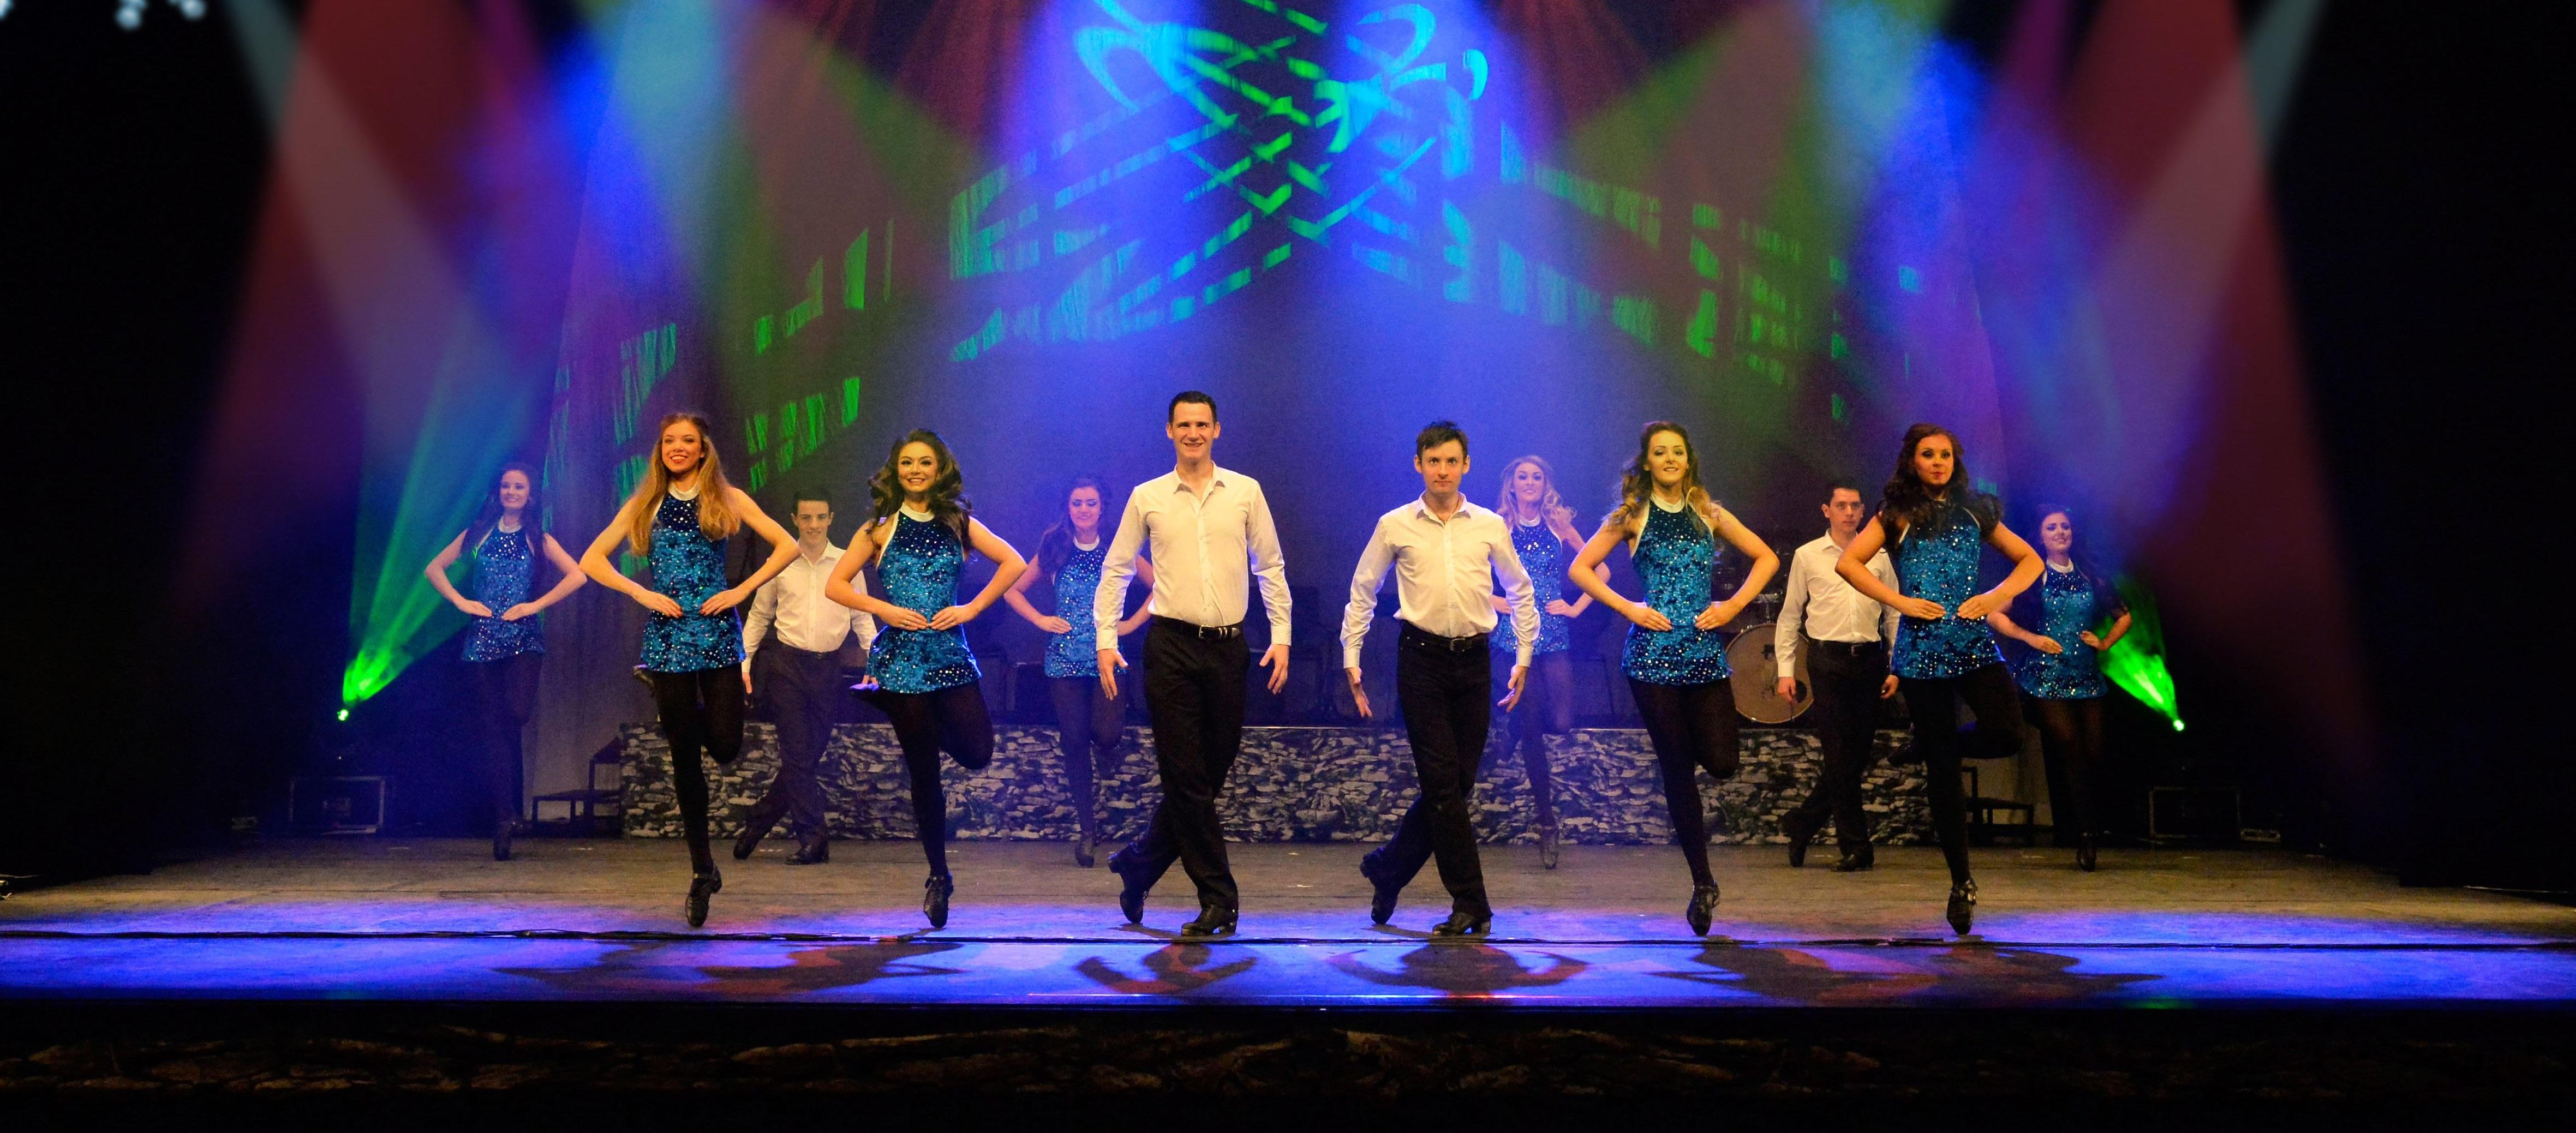 Die Danceperados of Ireland entführend Zuschauer in OWL in die Welt irischer Weihnachtsbräuche (Foto: Paulis)